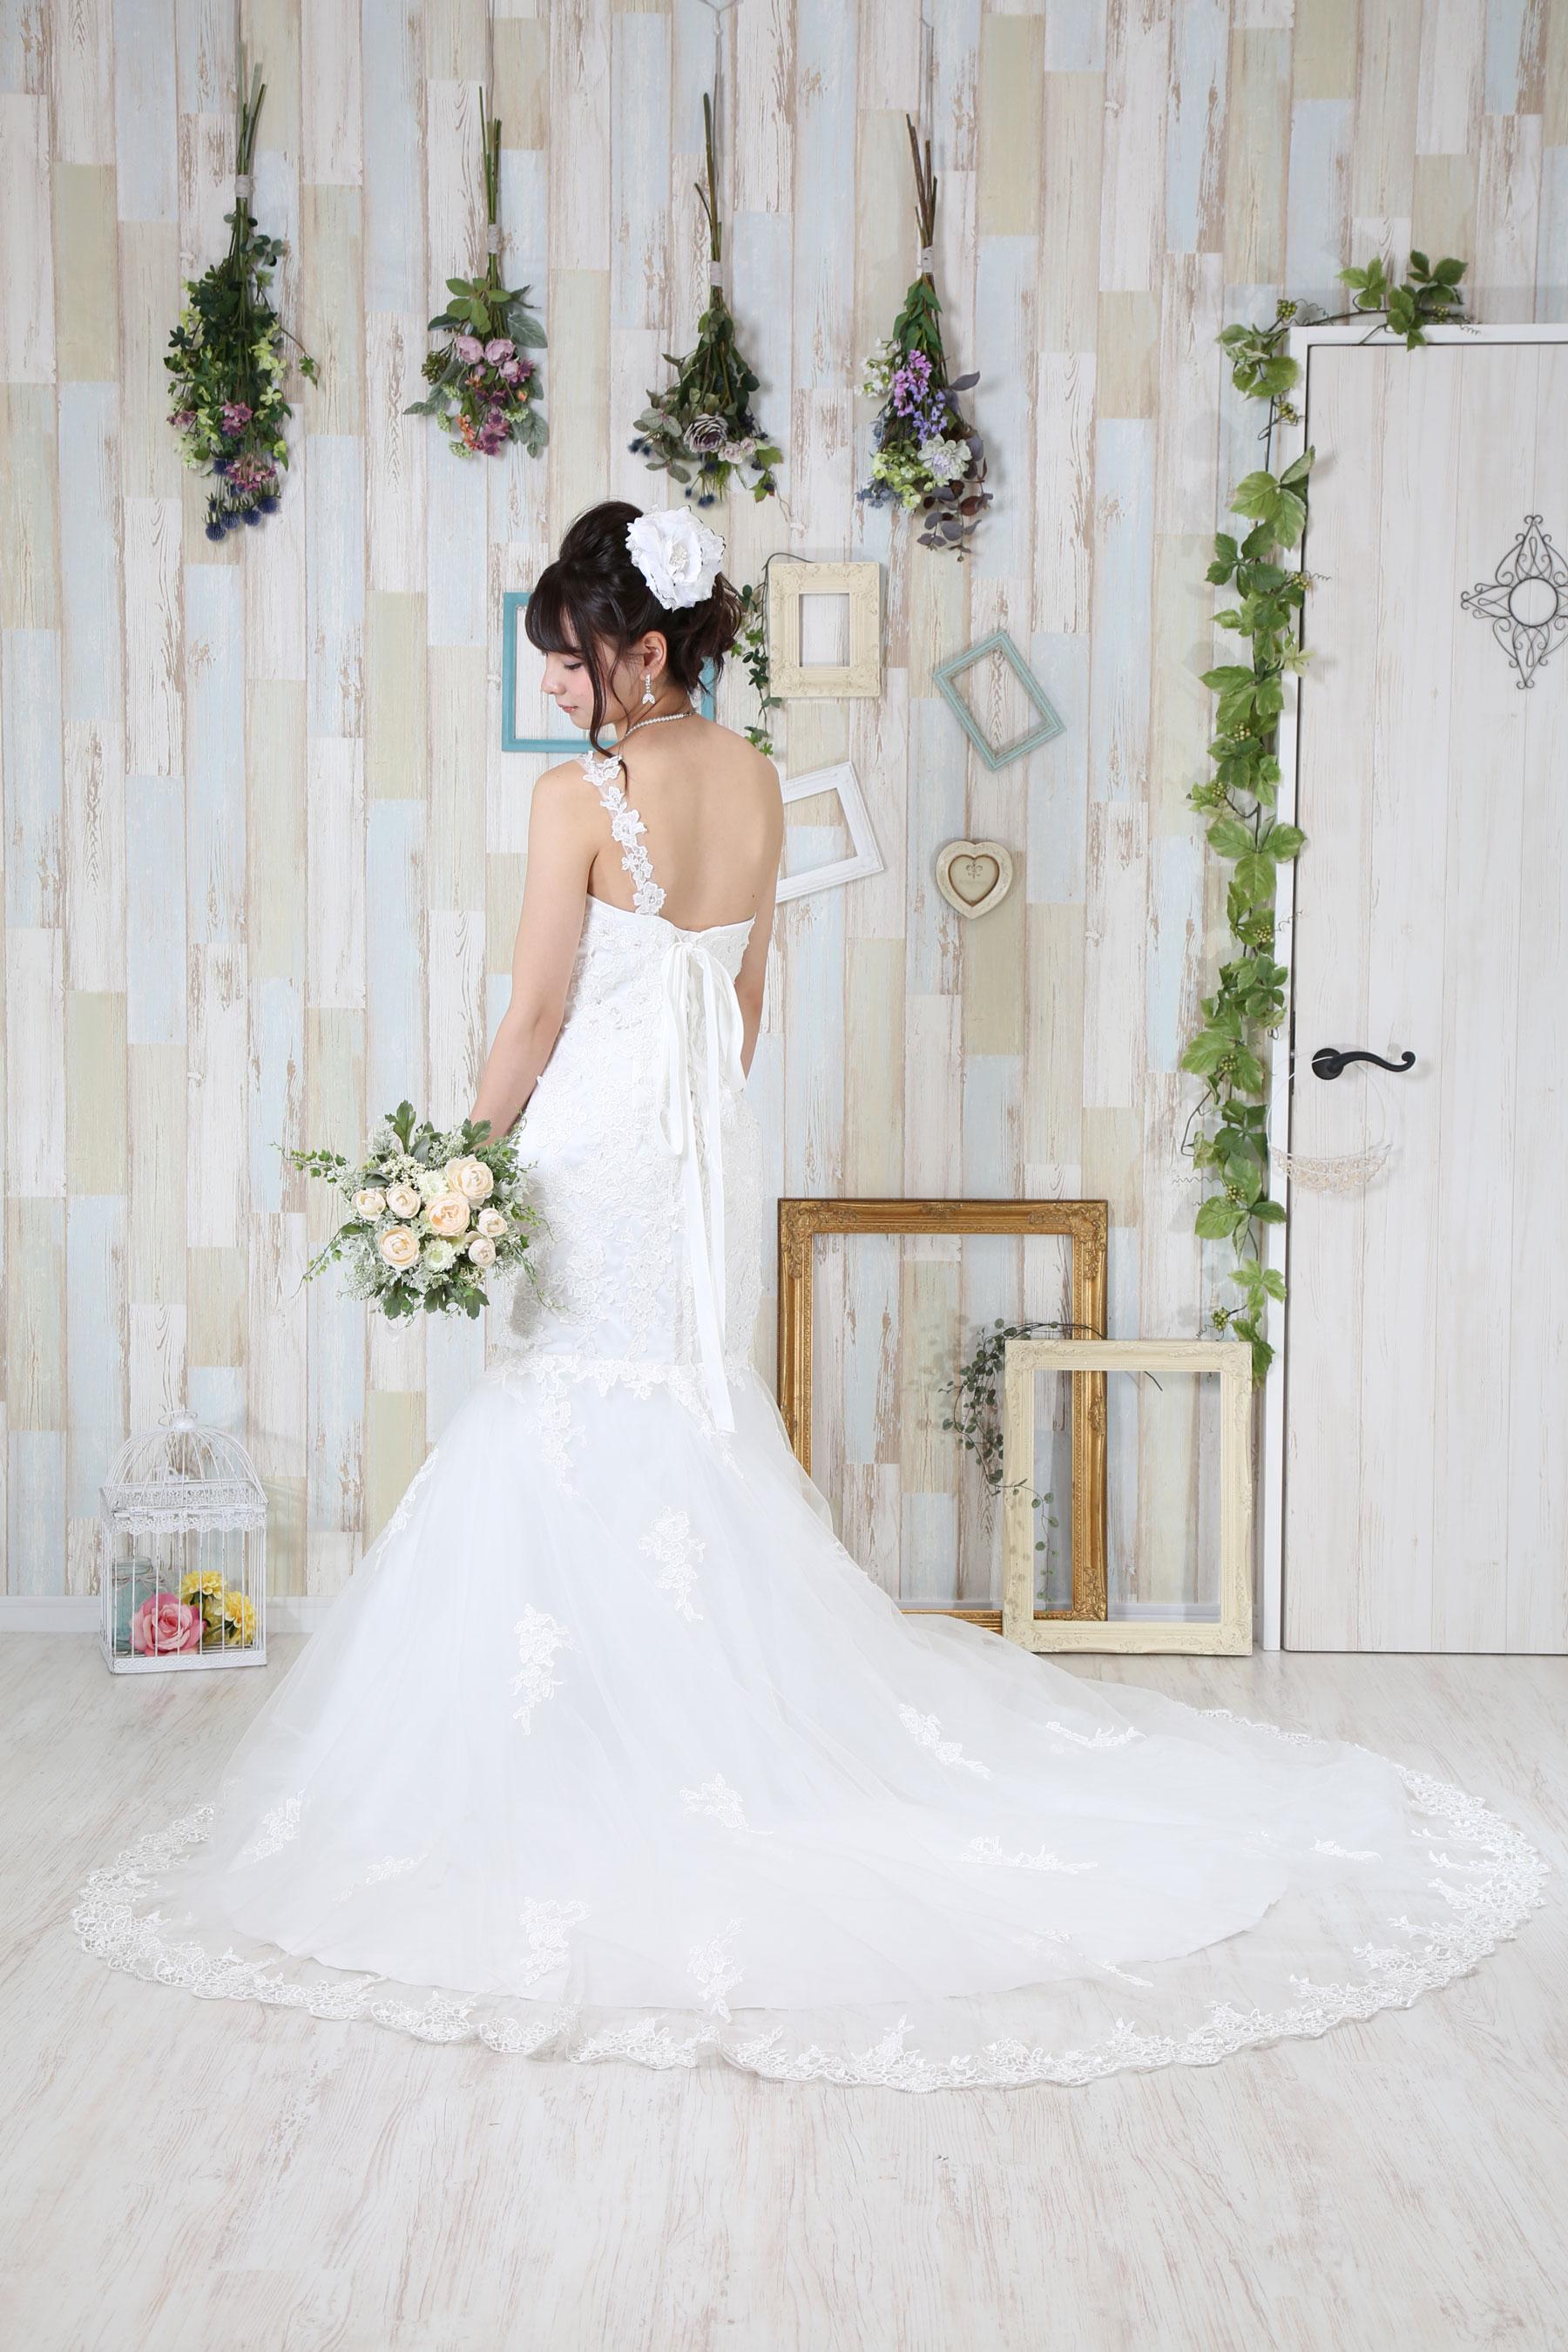 ★20180211-ドレス衣装撮影_084